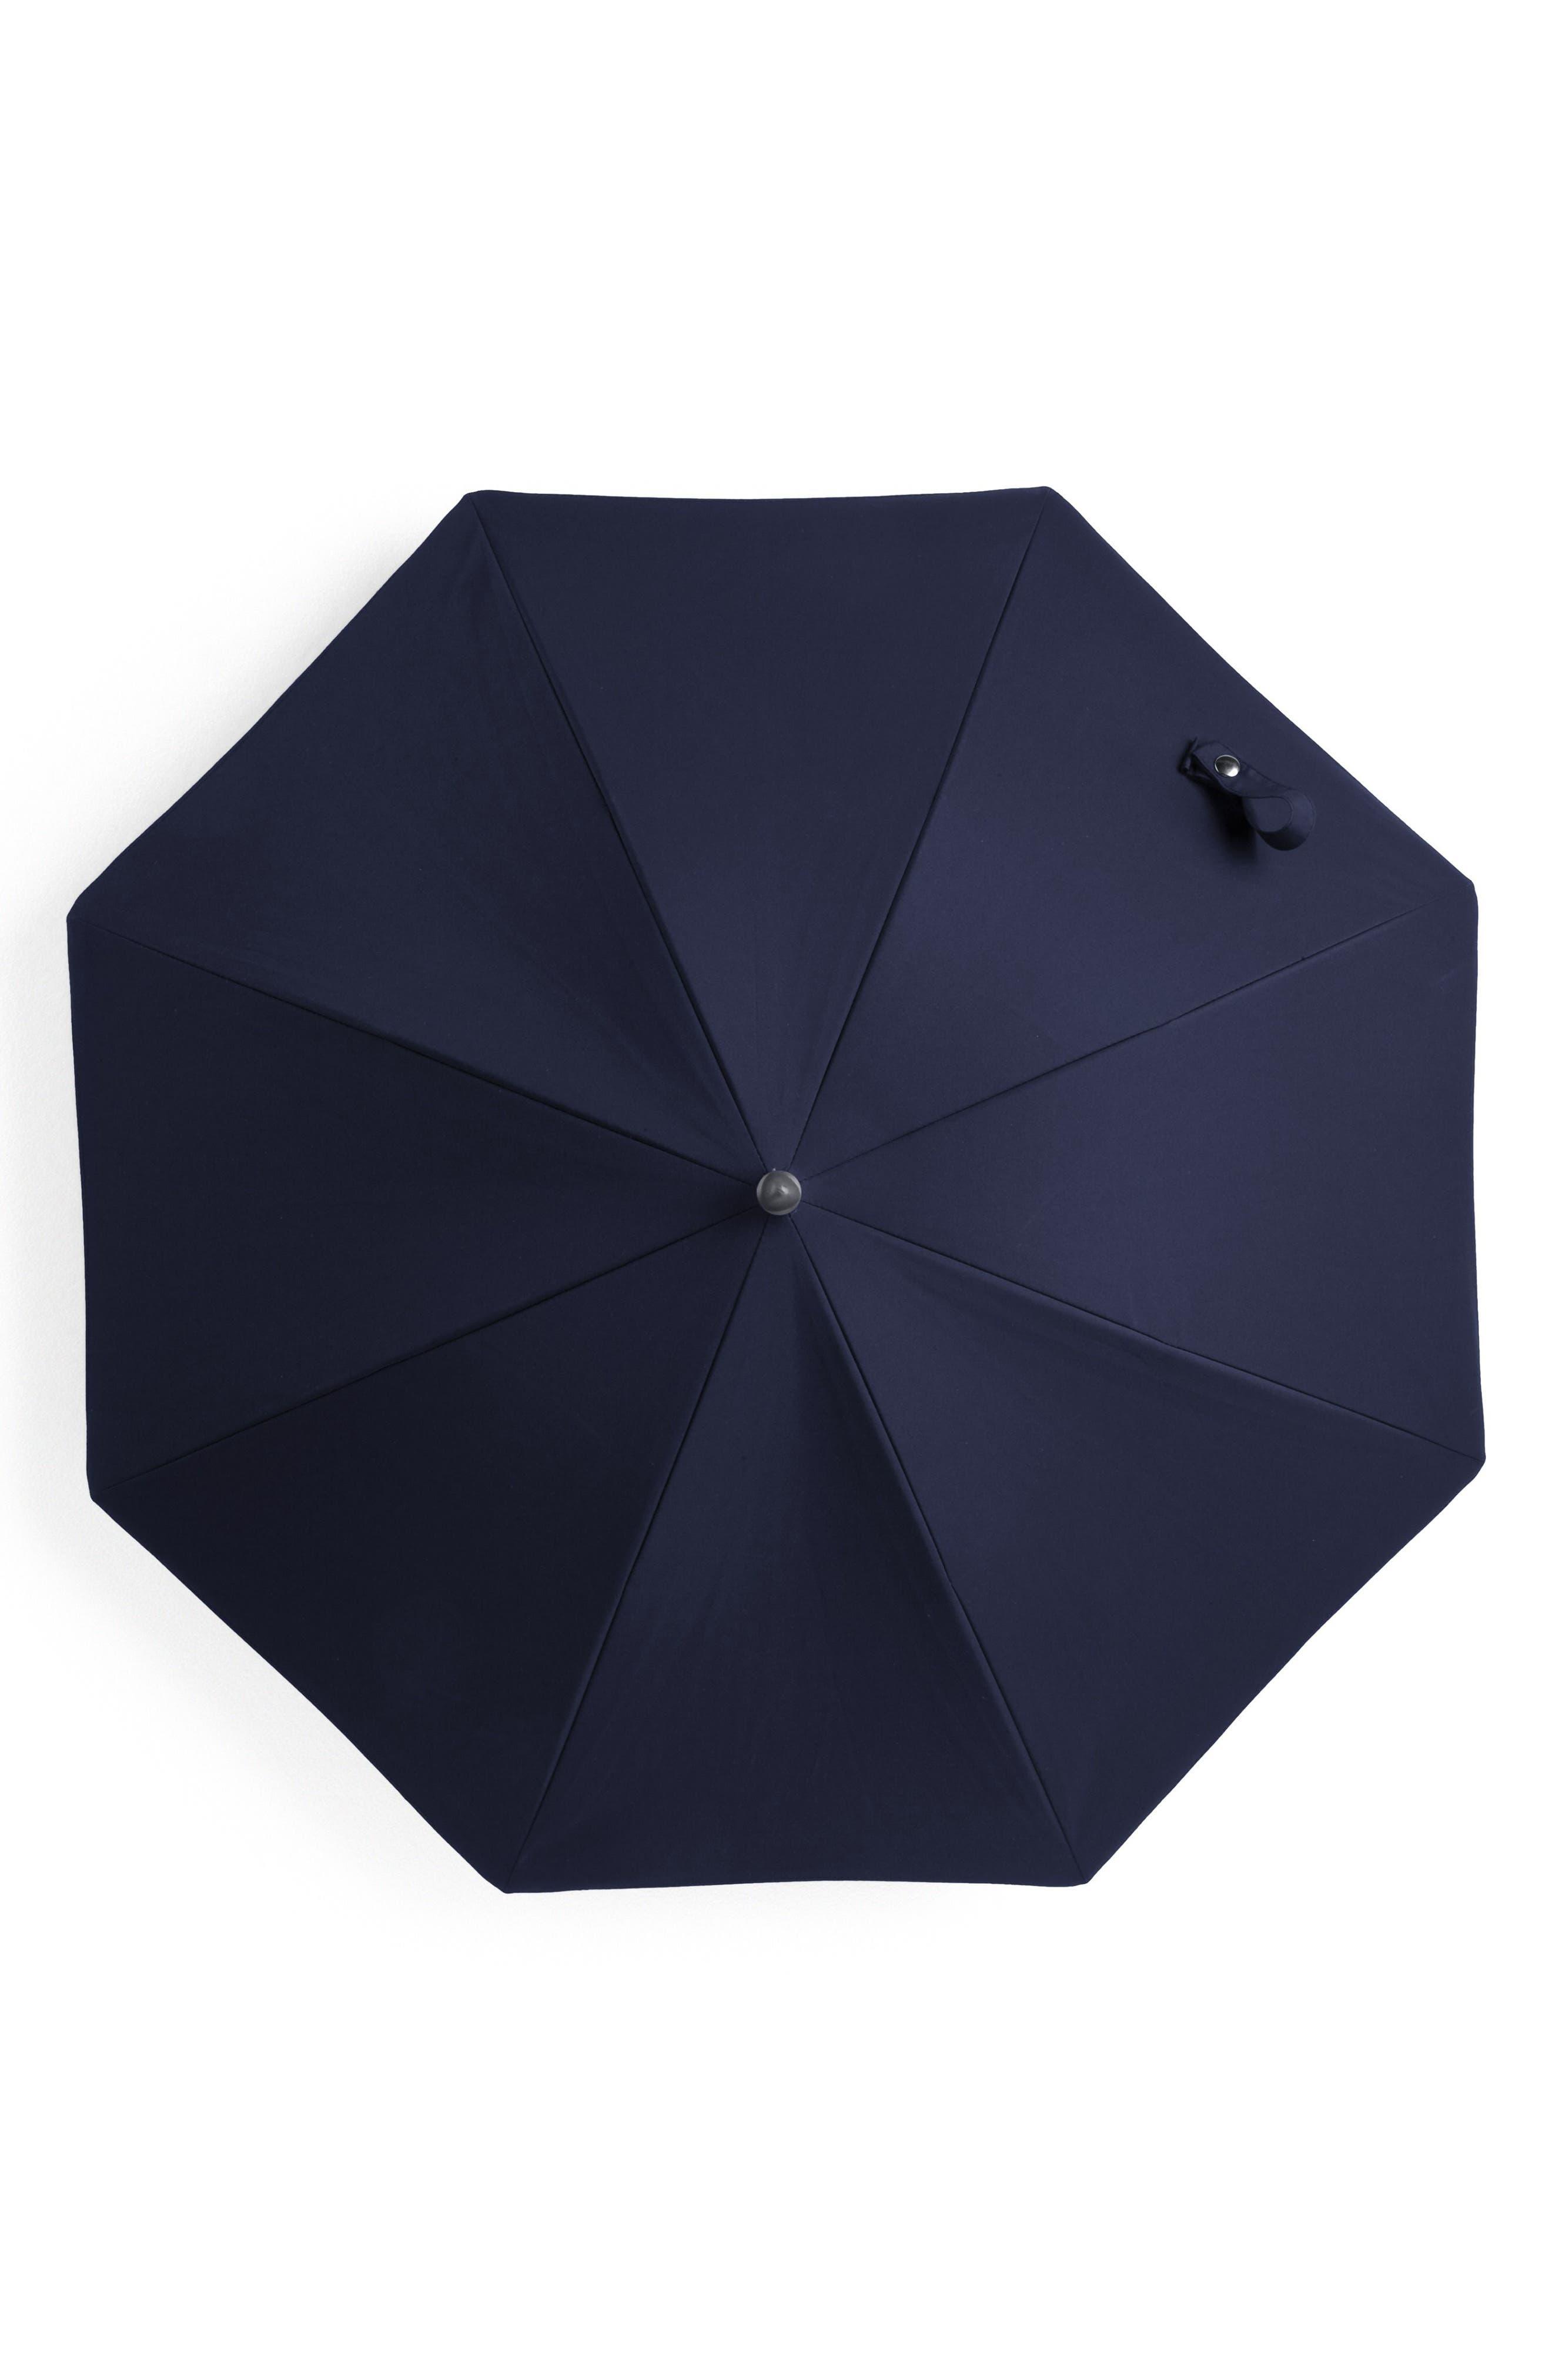 Xplory<sup>®</sup> Stroller Parasol,                         Main,                         color, Deep Blue